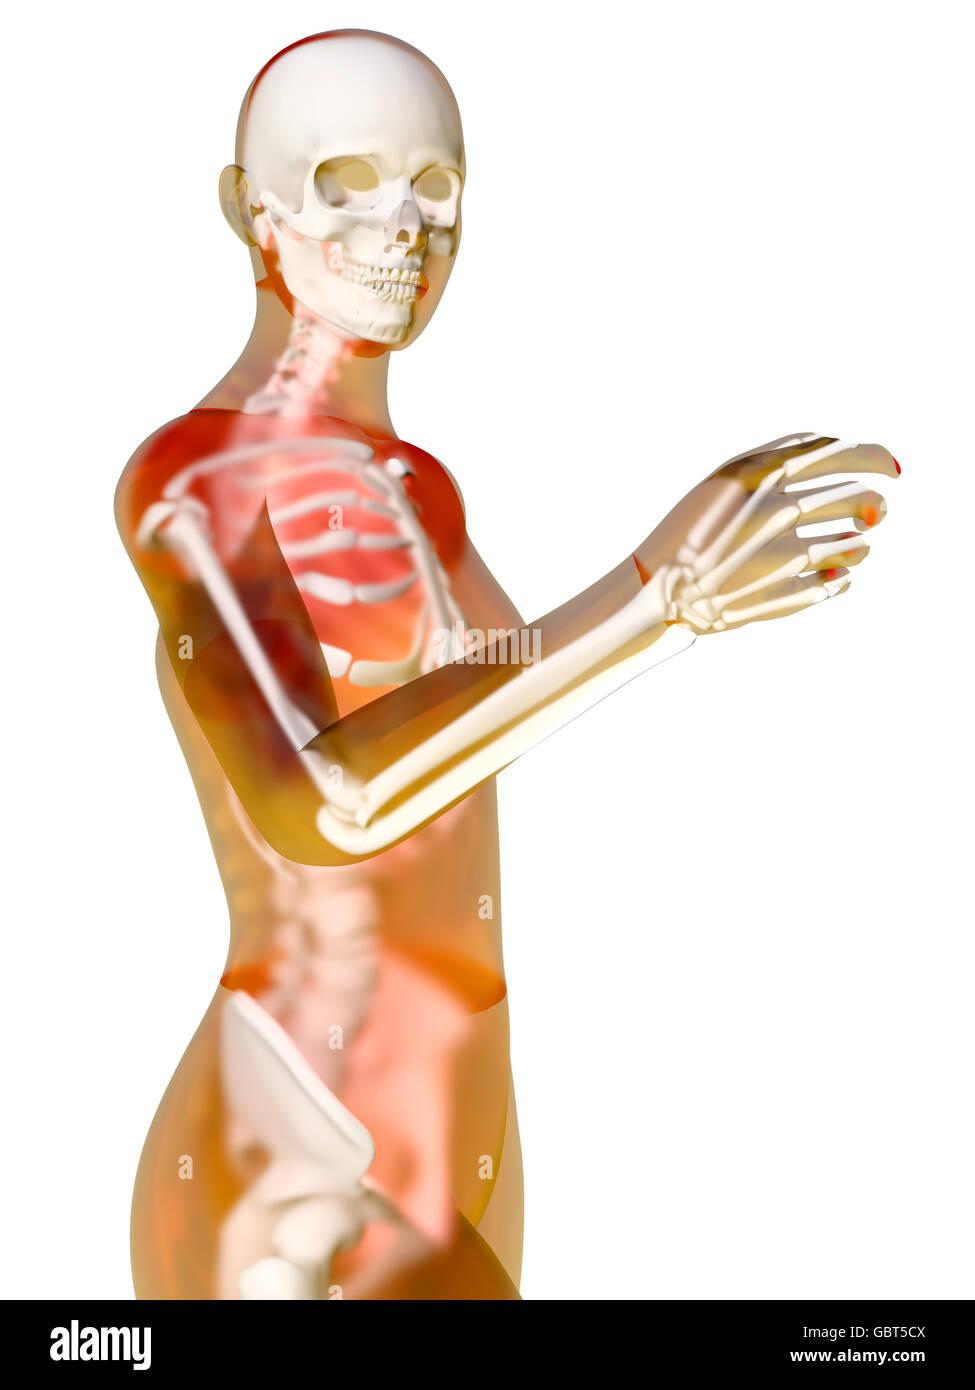 Schön Weibliche Reproduktion Anatomie Fotos - Anatomie Von ...